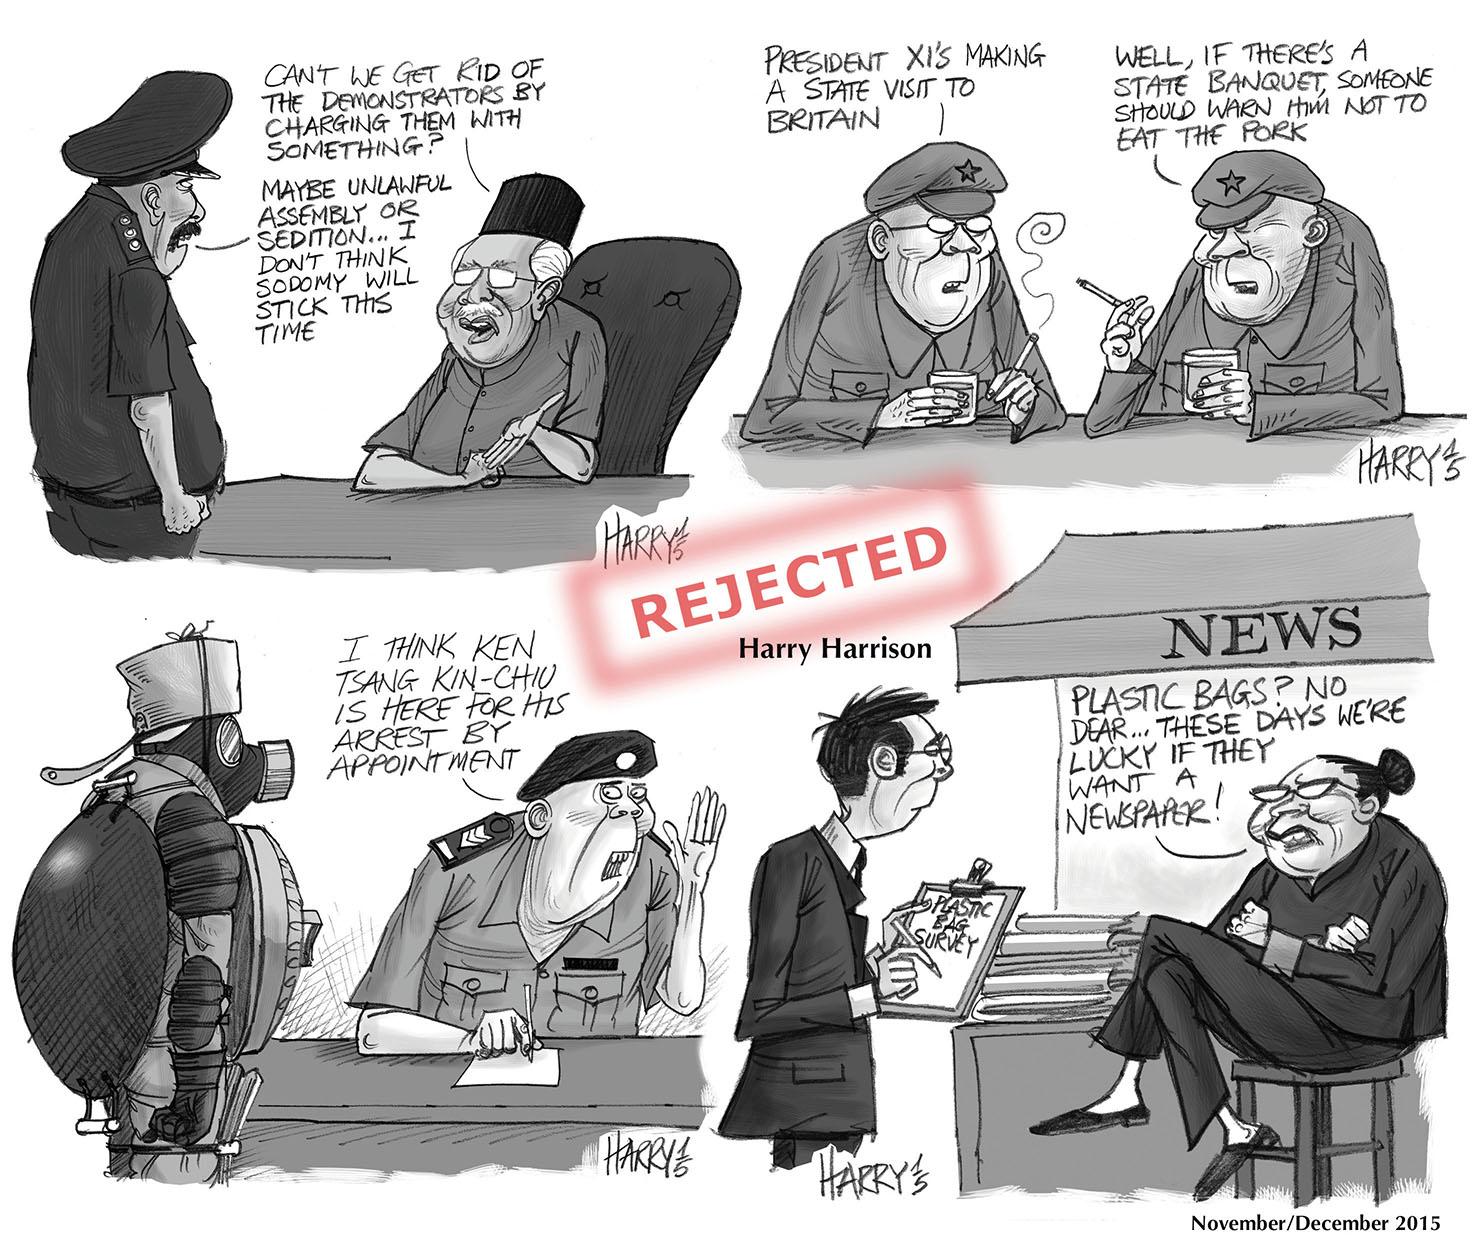 Nov-Dec 2015 Harry's reject